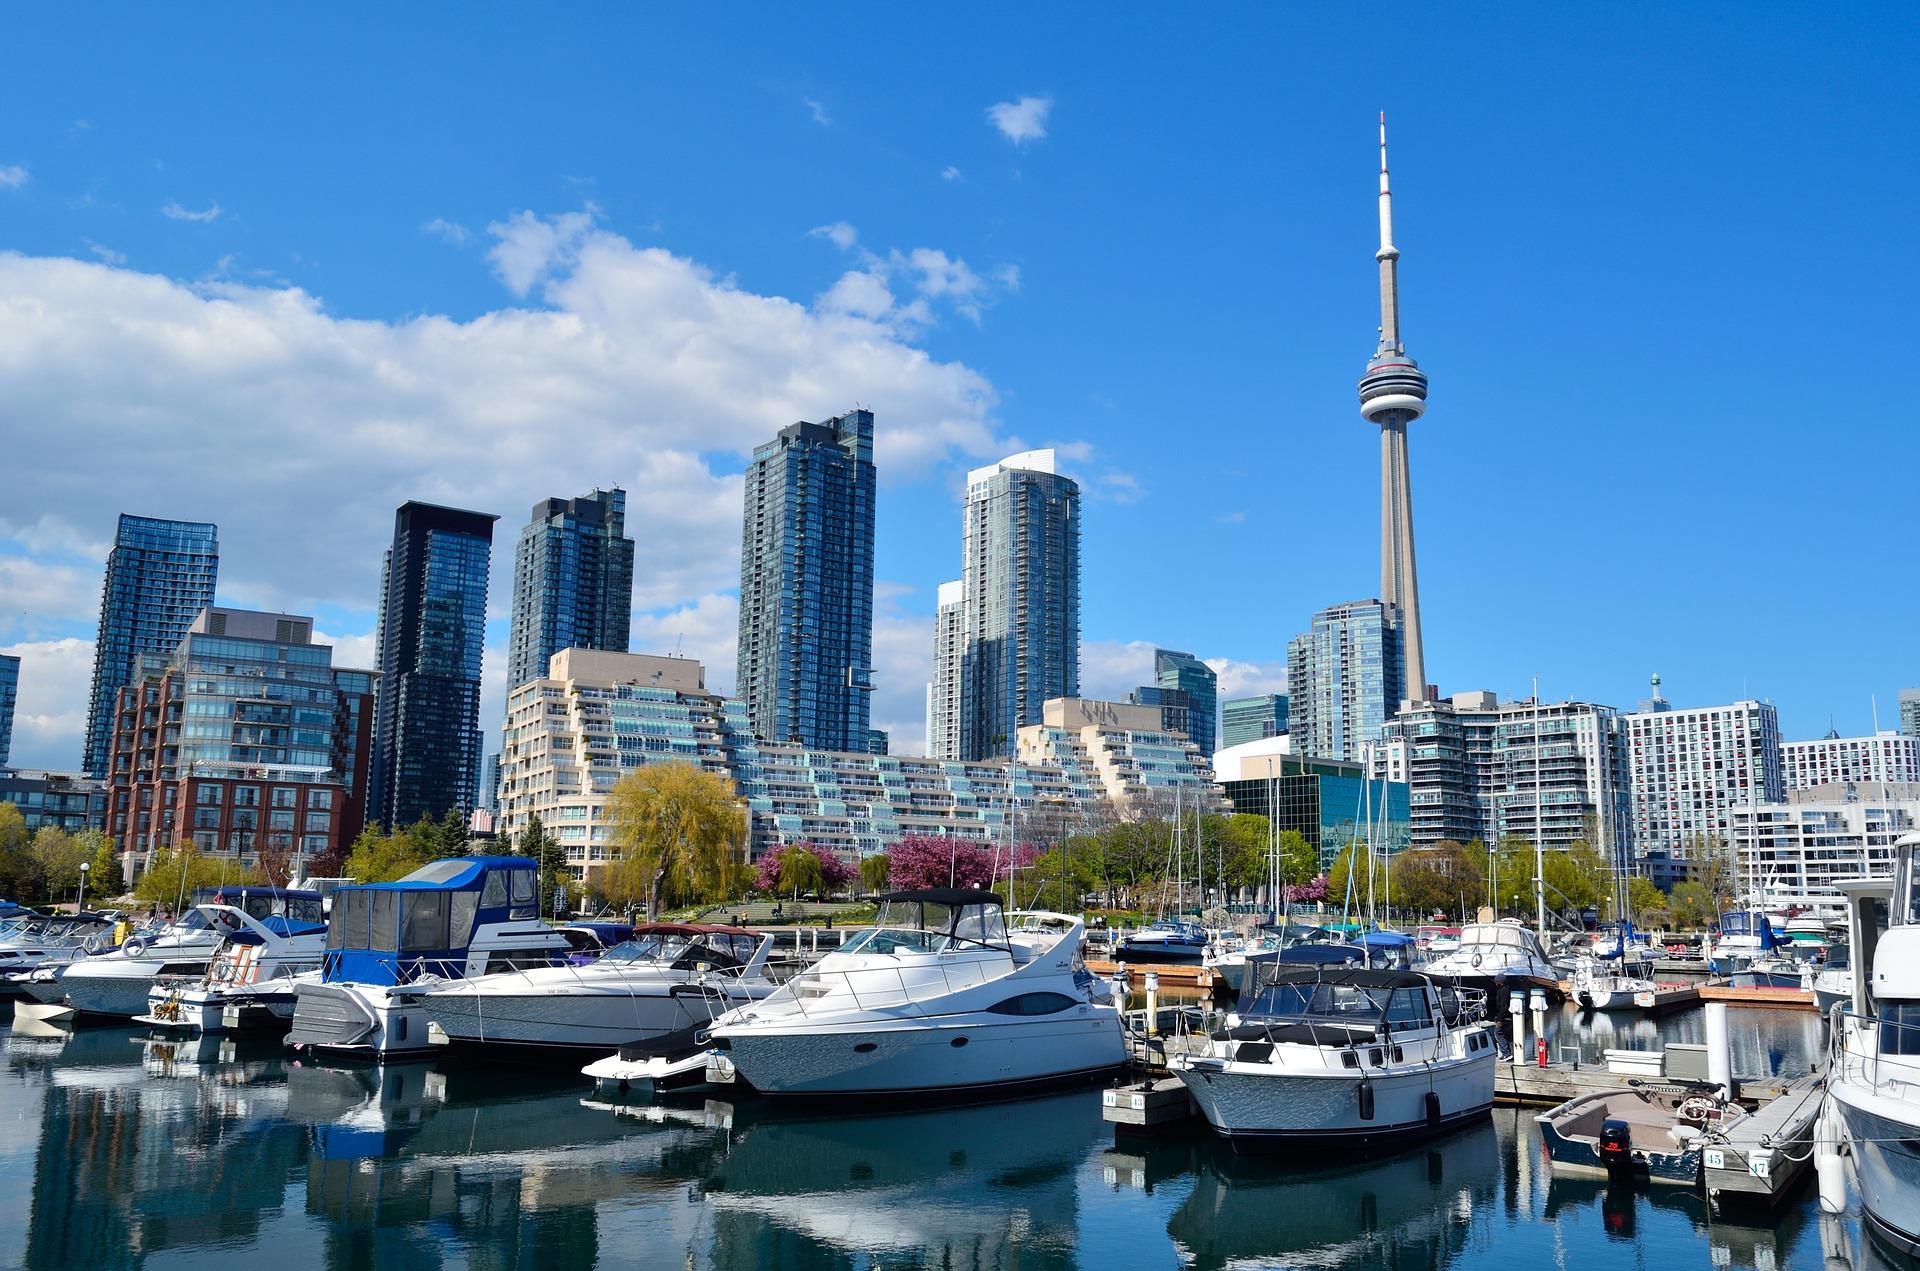 Toronto największe miasto Kanady położone na północno-zachodnim brzegu jeziora Ontario